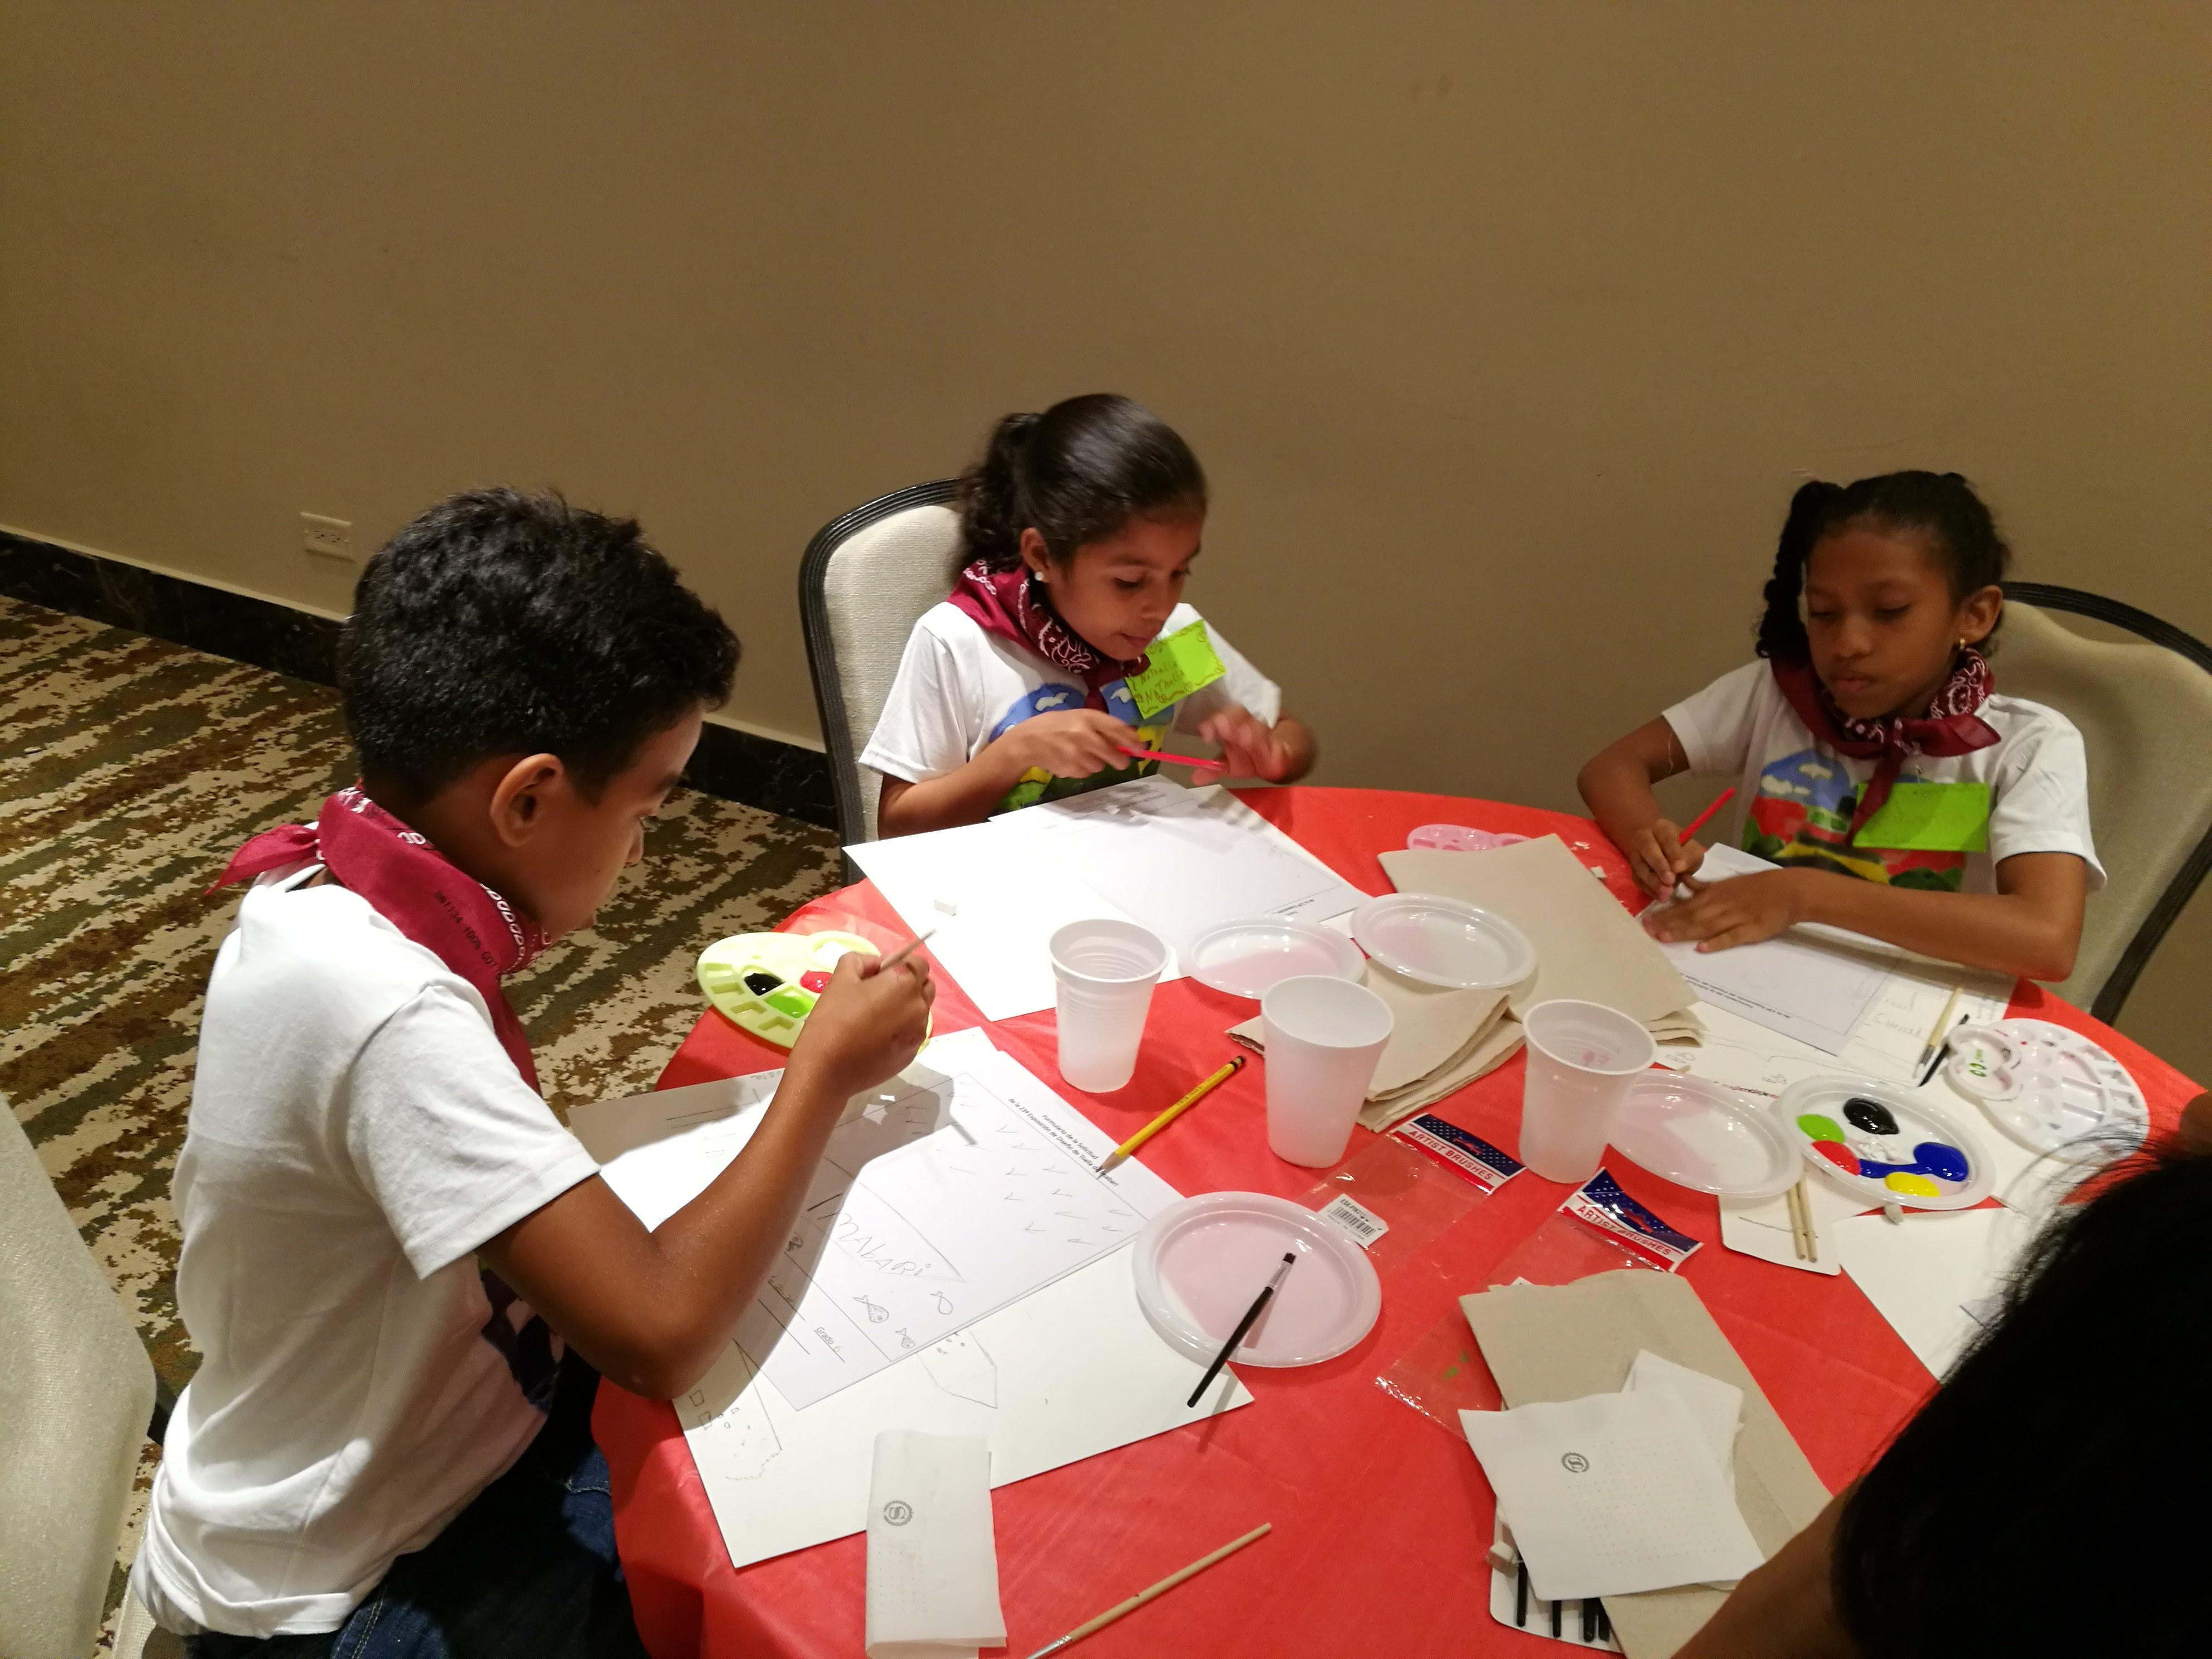 絵を描く生徒たち